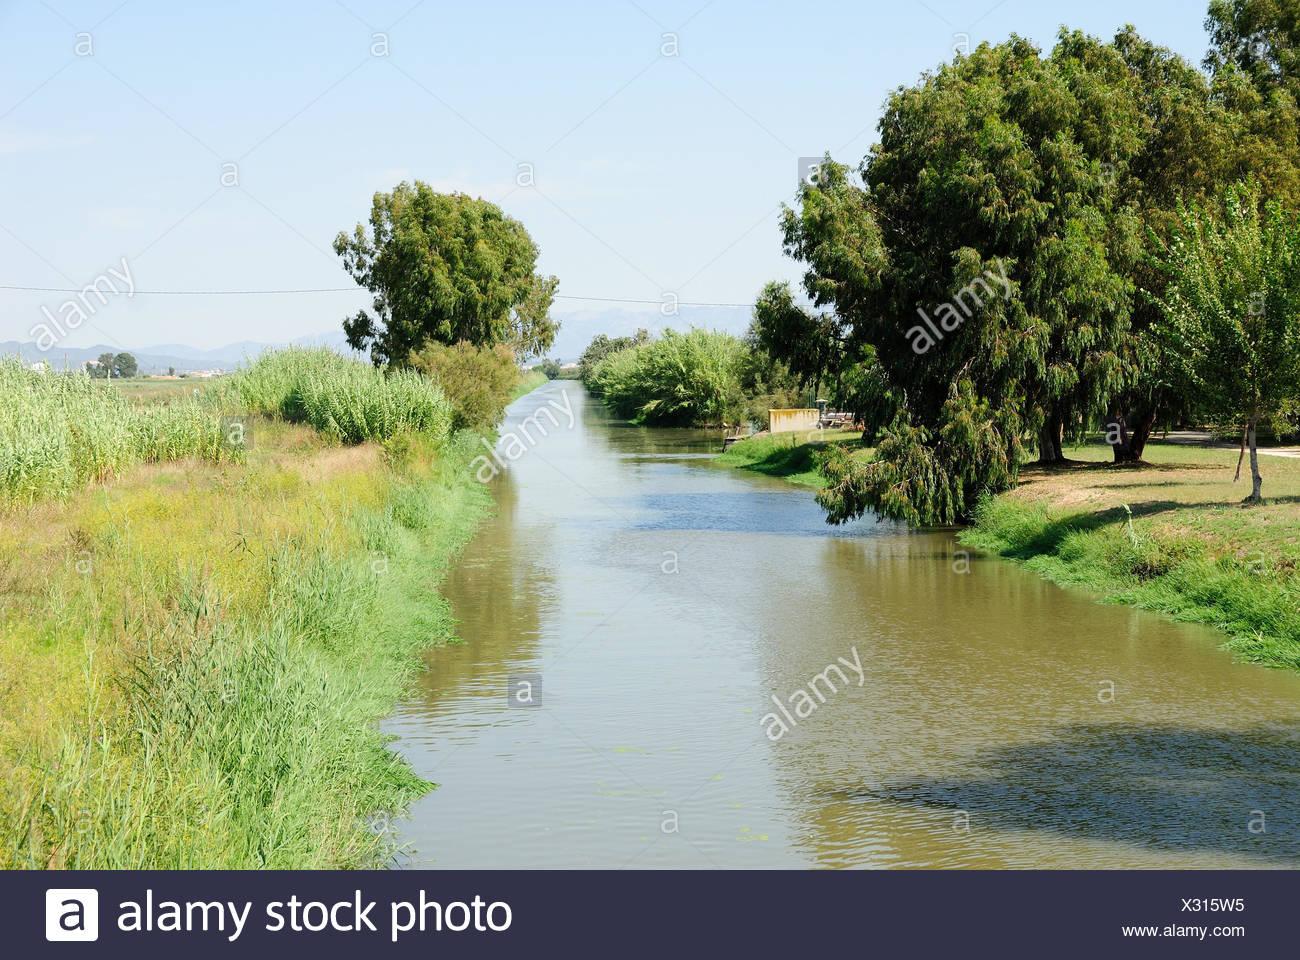 Ebrodelta ambiance Photo Stock